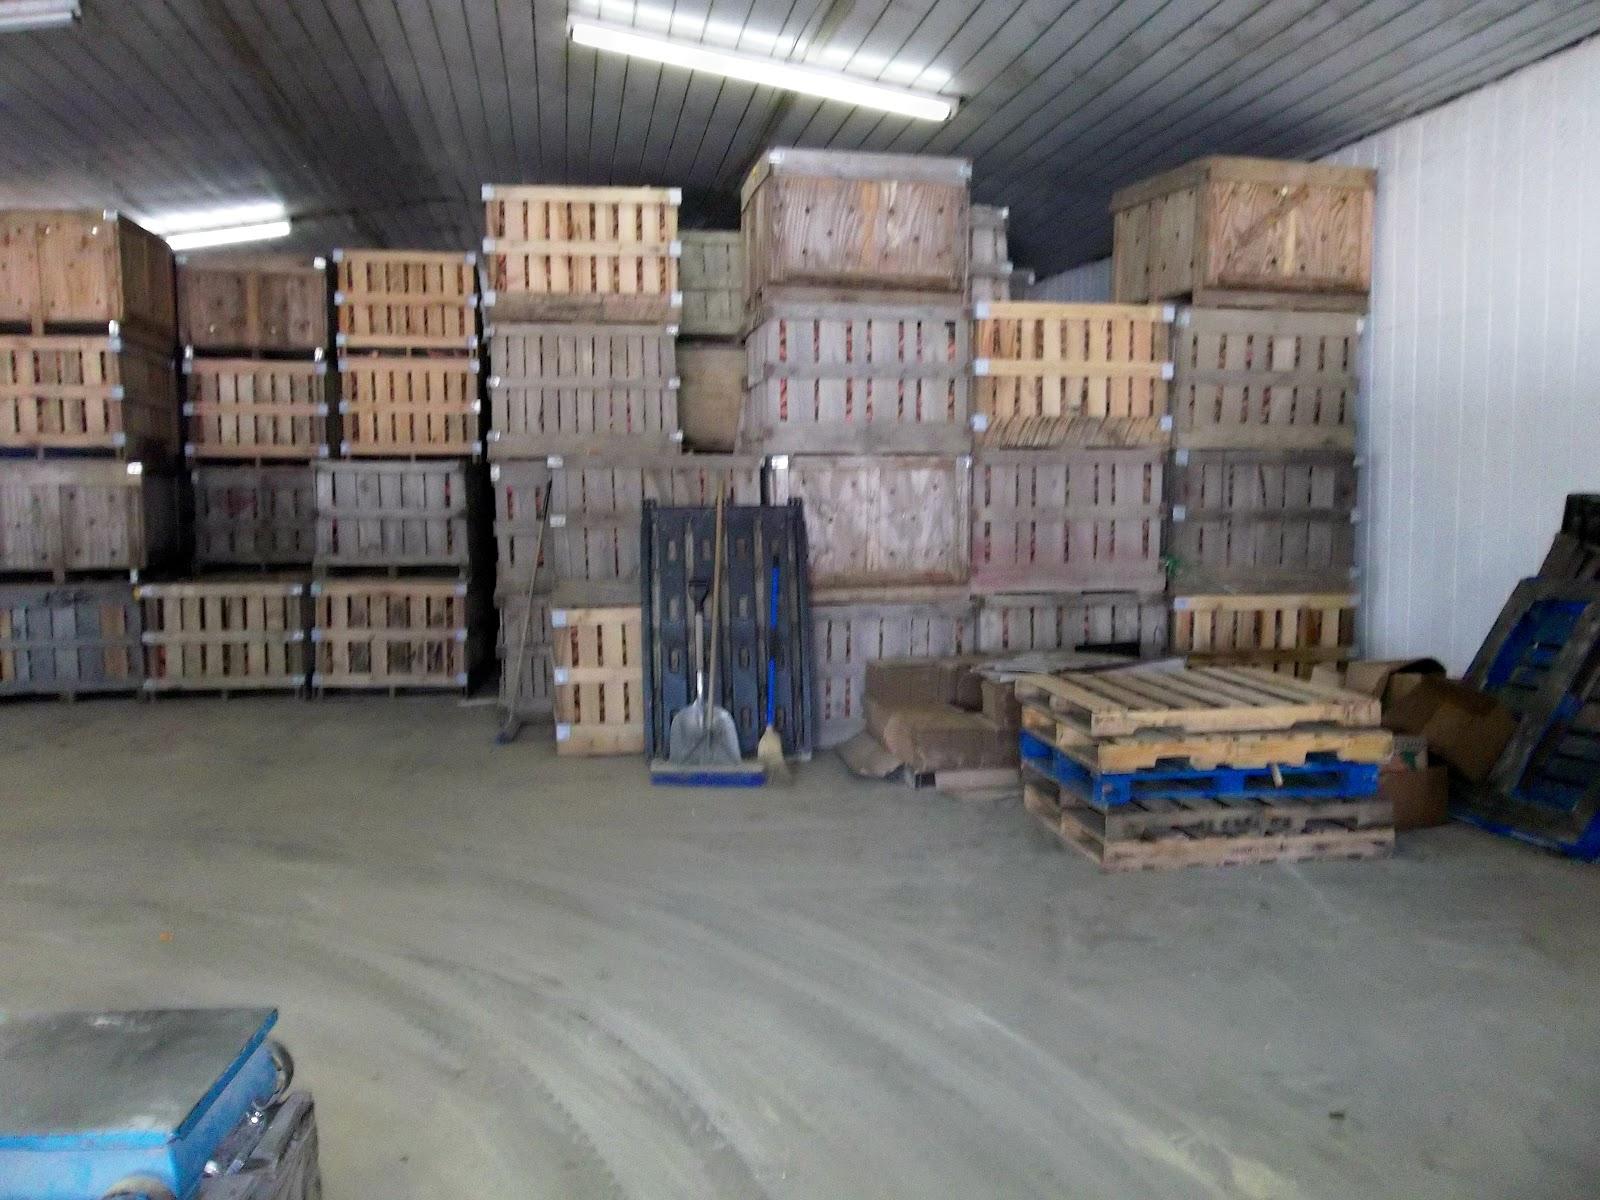 http://2.bp.blogspot.com/-RPvFXd52VkA/UKcHdJ2zgxI/AAAAAAAAC0A/-WwZqKH5ICs/s1600/potatoessweetwarehouse.jpg